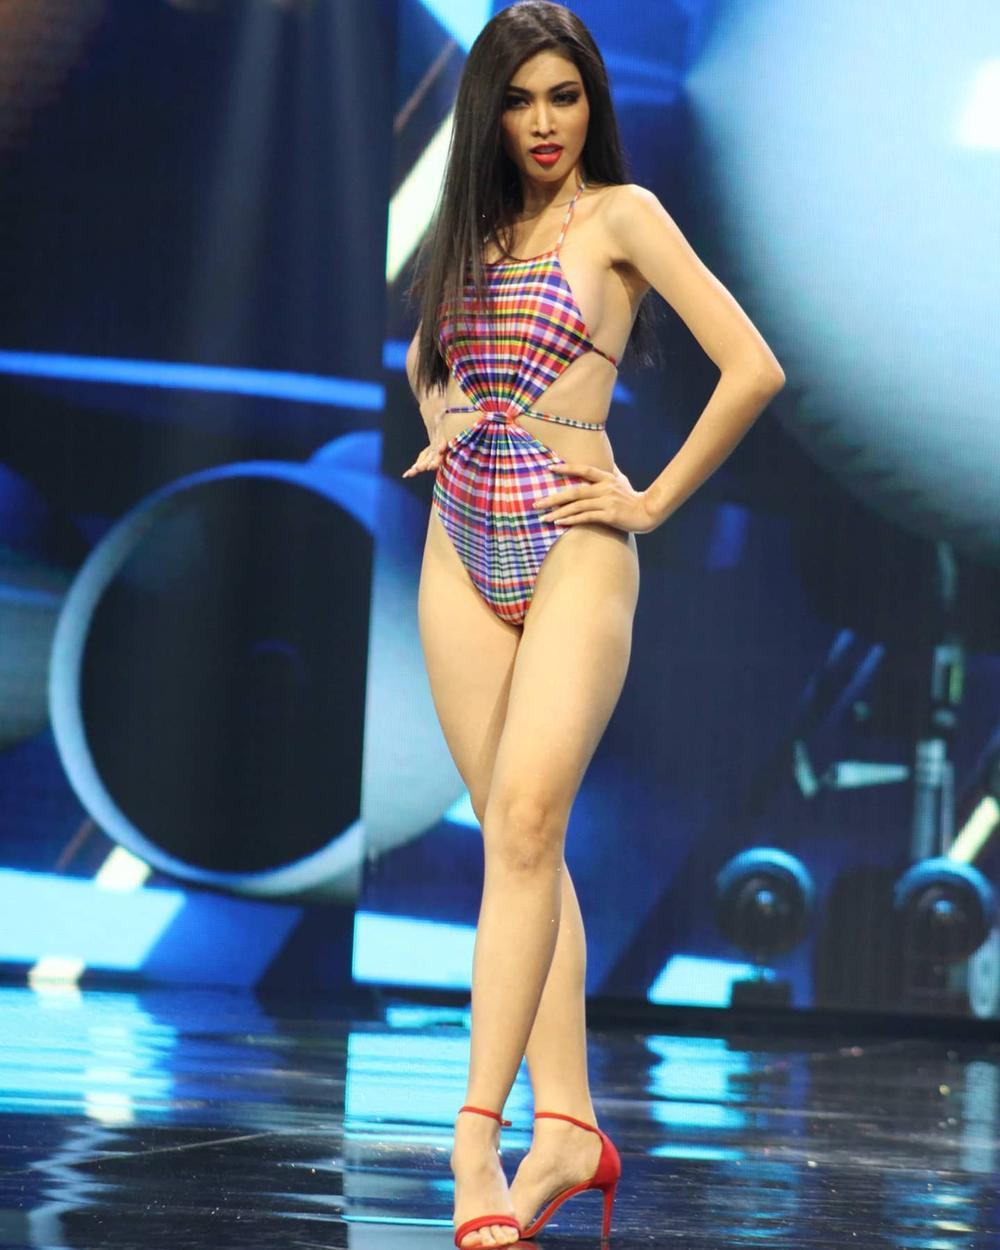 Hành trình lọt Top 20 của Ngọc Thảo: Nàng hậu 21 tuổi bản lĩnh chinh phục Miss Grand giữa mùa dịch! Ảnh 30